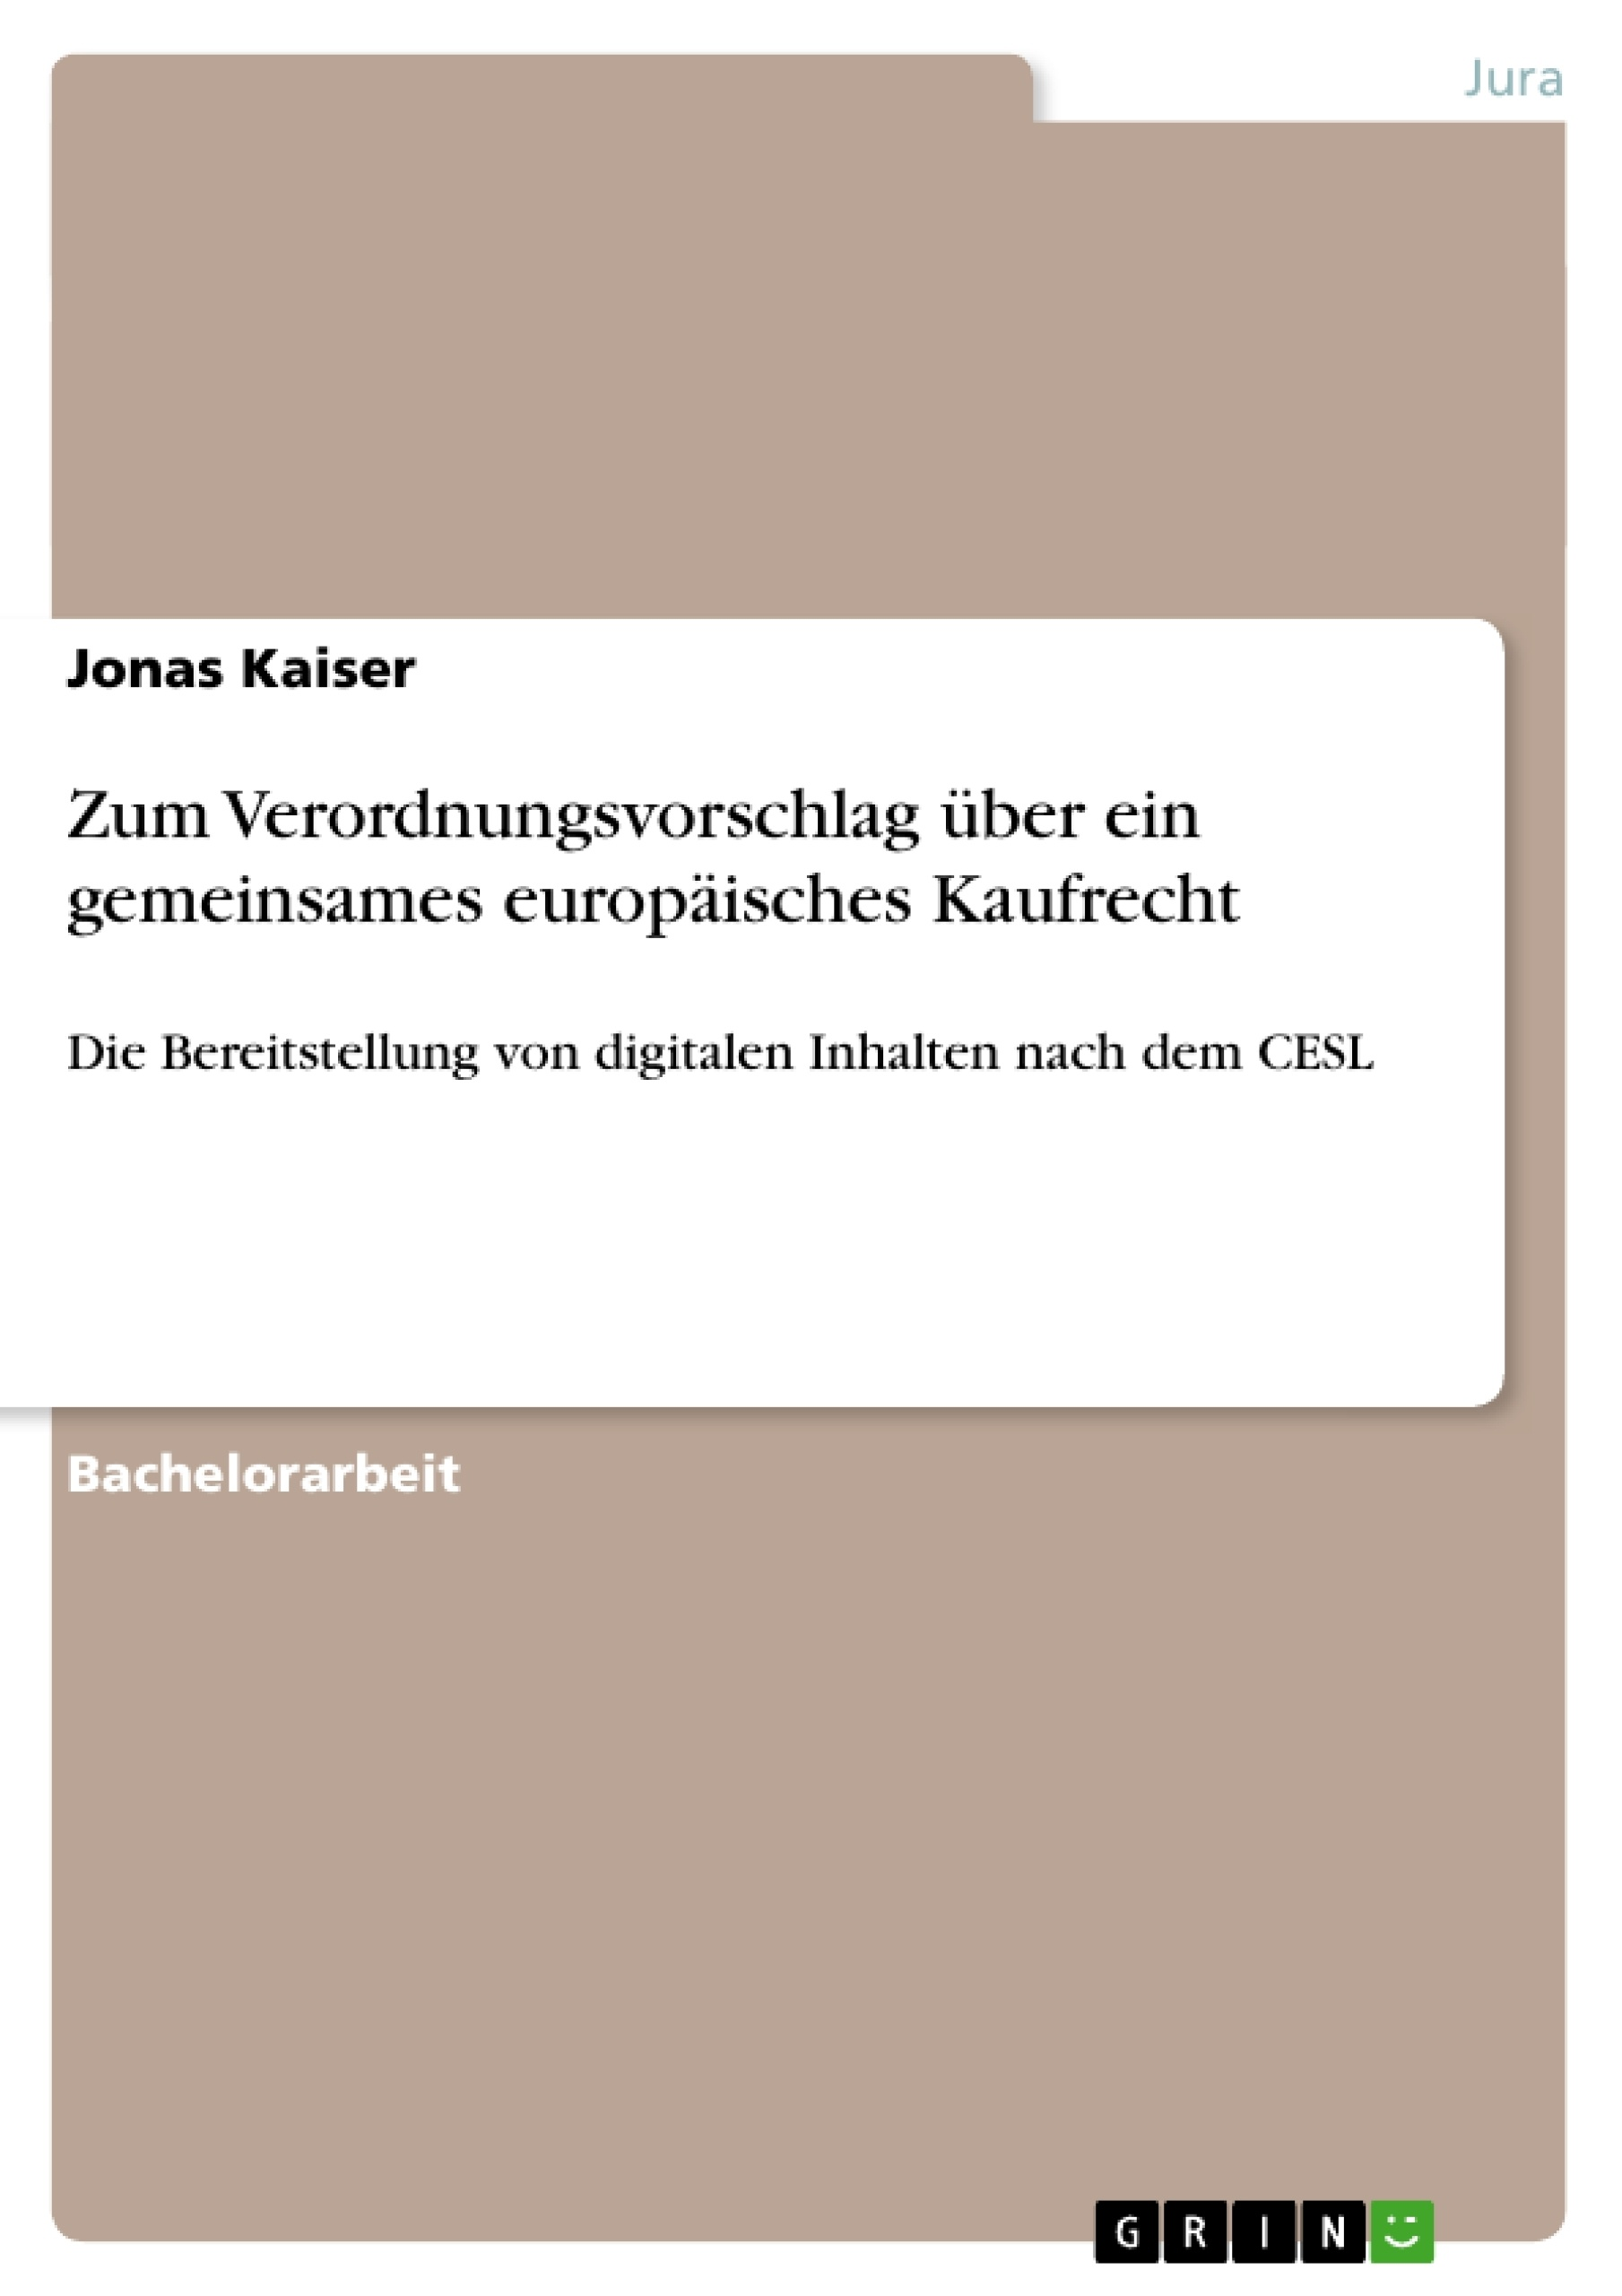 Titel: Zum Verordnungsvorschlag über ein gemeinsames europäisches Kaufrecht